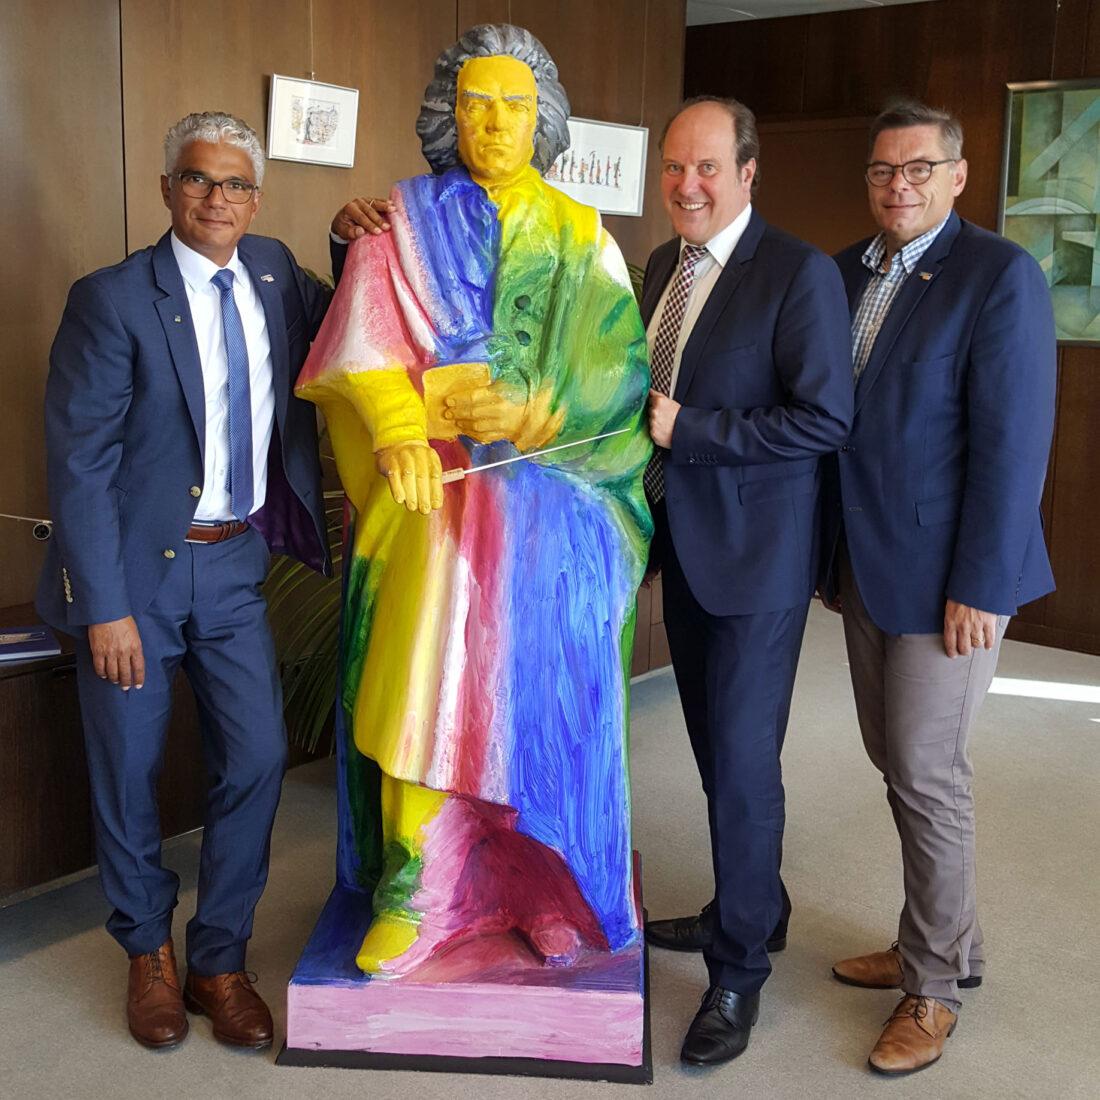 Alles Beethoven!? Die Gesprächspartner Oberbürgermeister Ashok Sridharan (li.), Udo Schäfer (Mitte) und Ralf Birkner (re.); Foto: Heidi Diehl